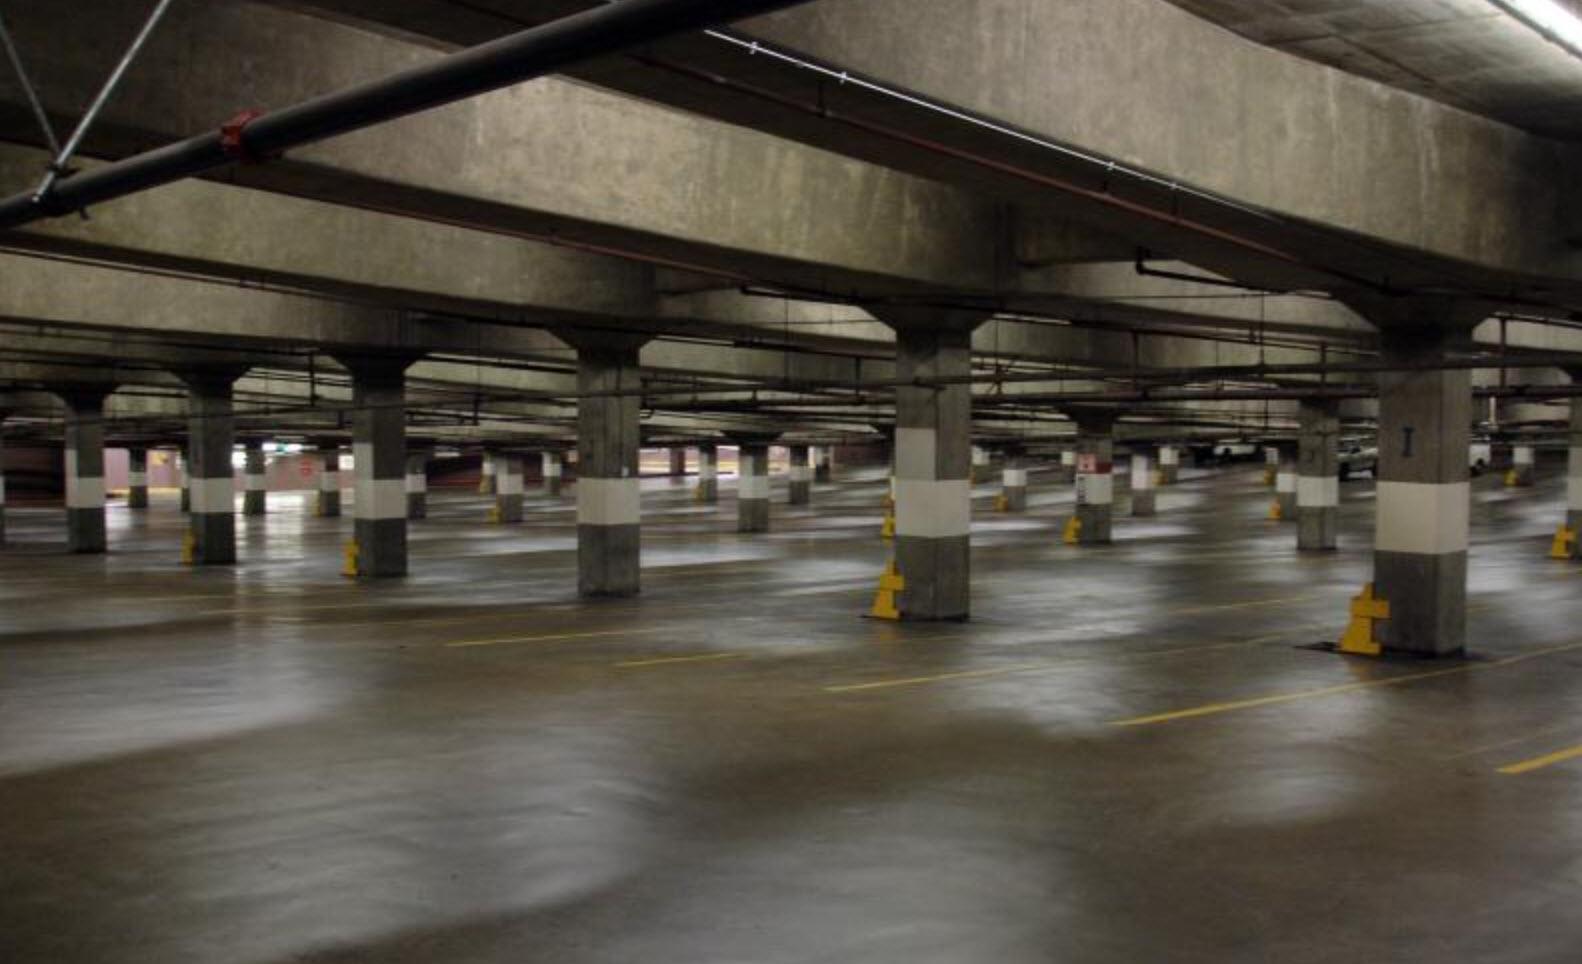 Sub-Grade Parking Garage